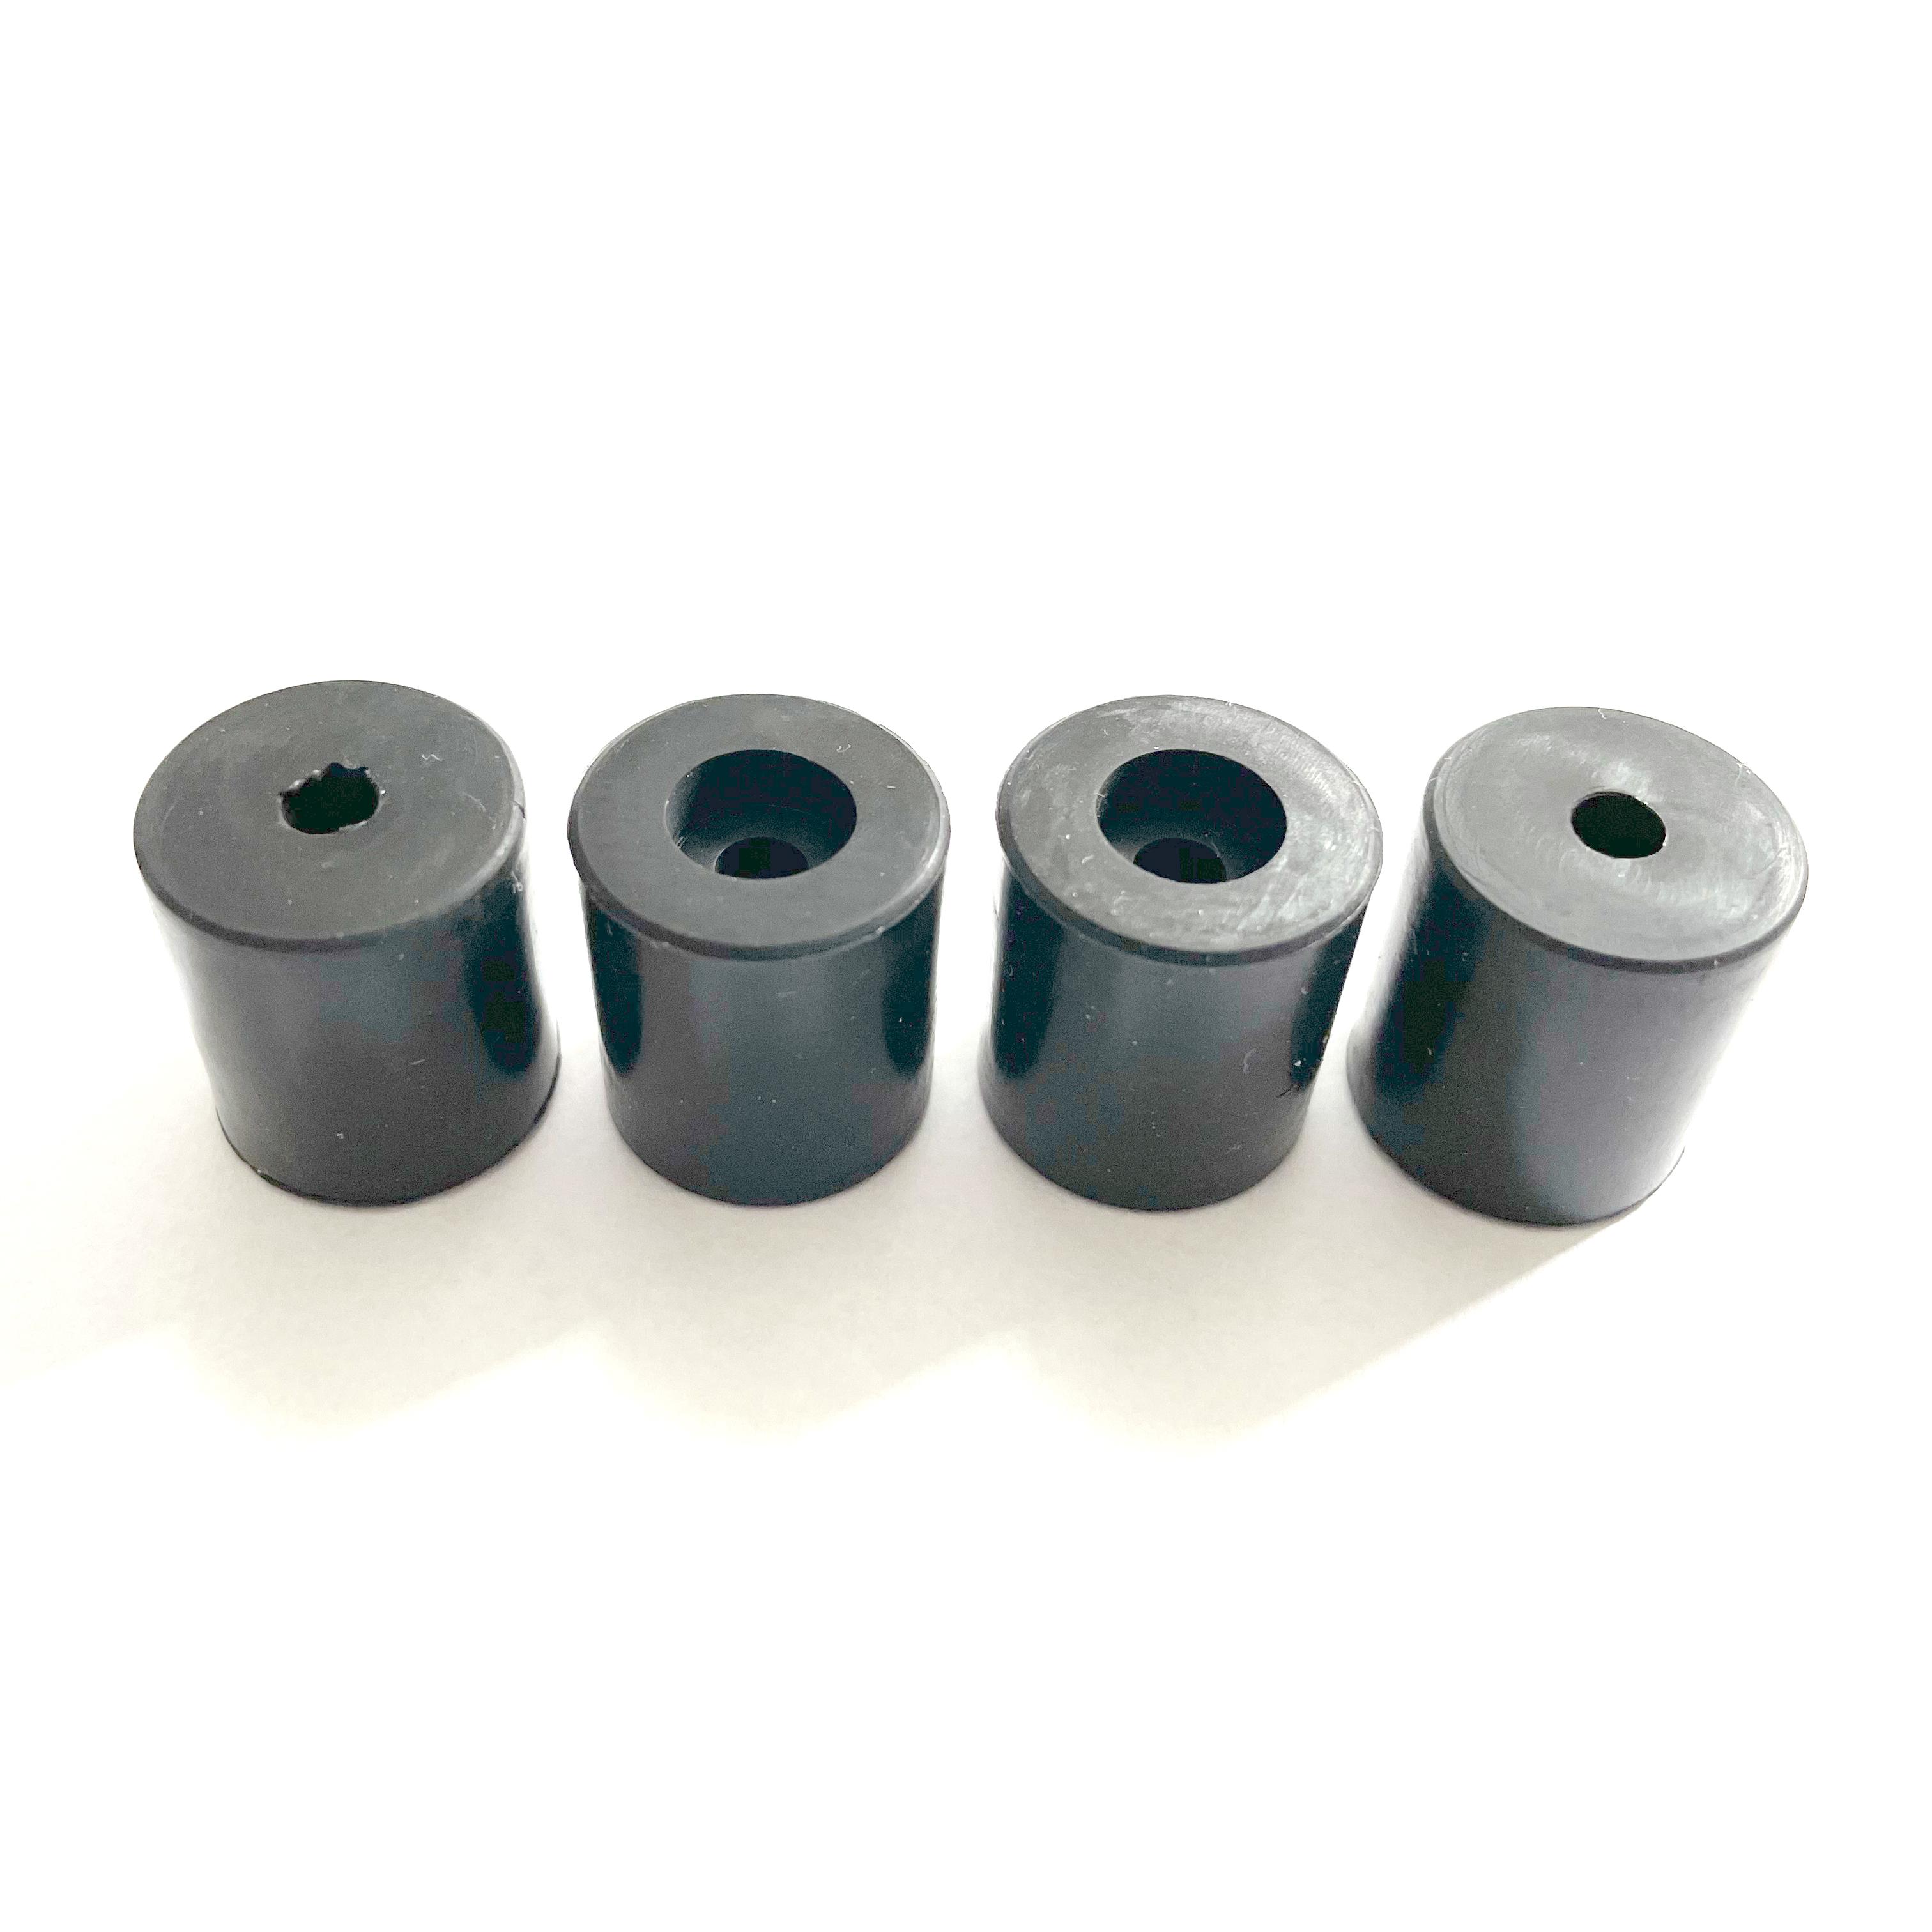 Silikondämpfer für Druckbetten 4x 18mm